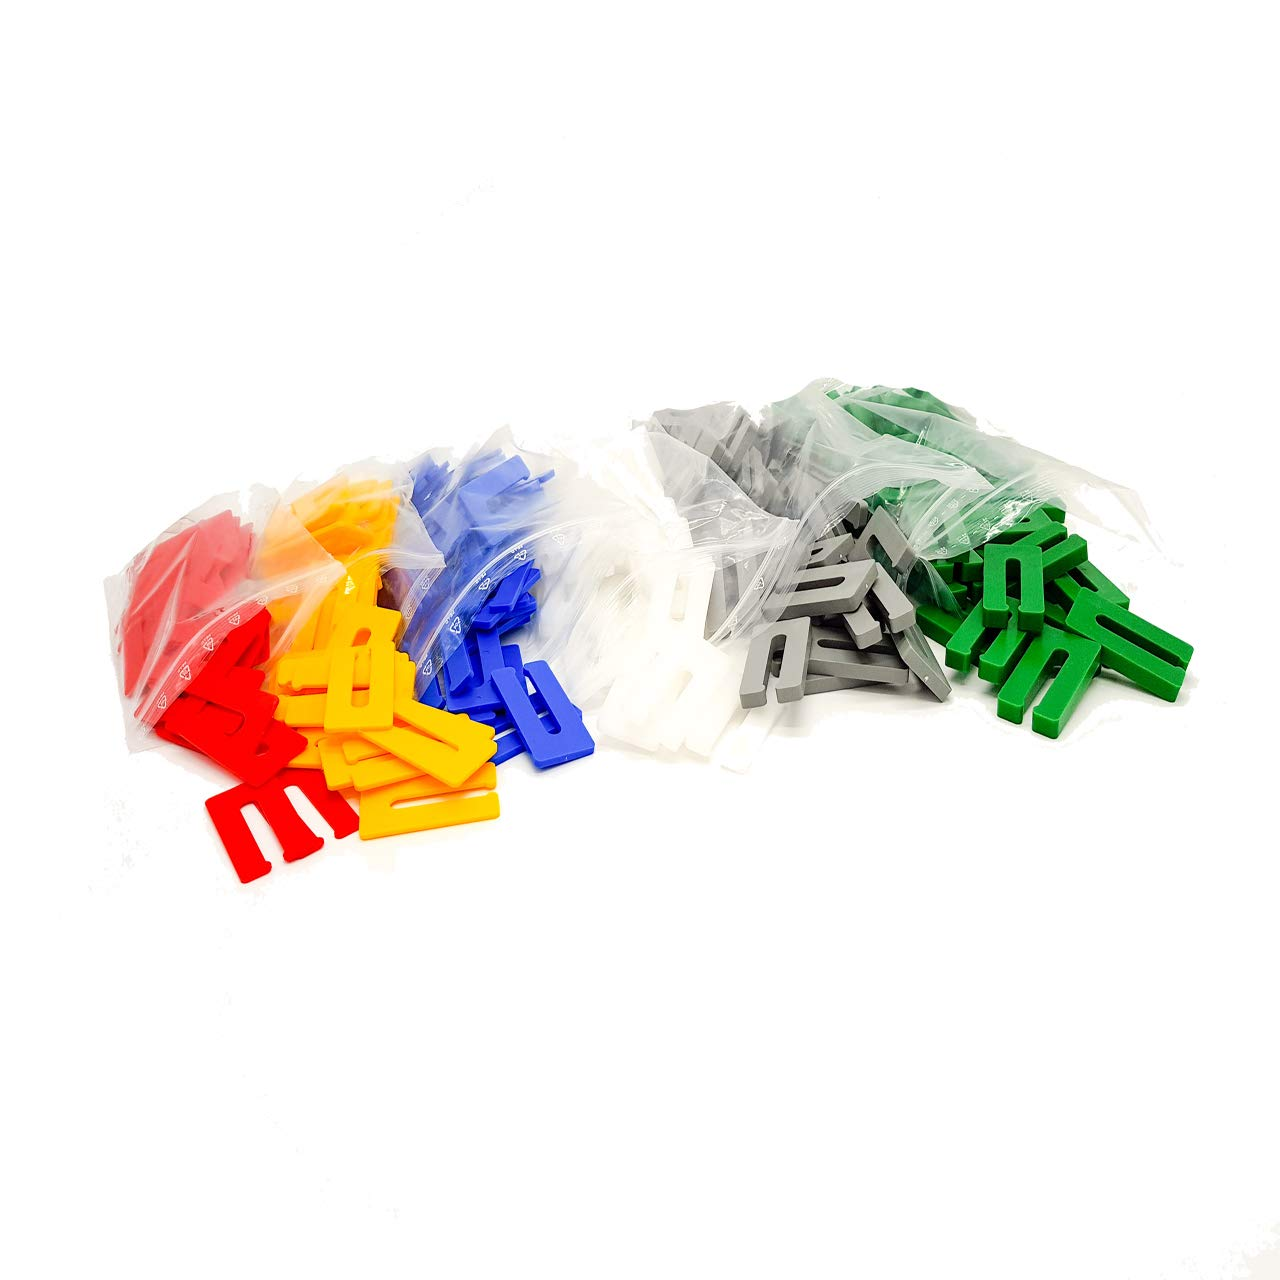 Verglasungsklötze Distanzstück Ausgleichsplättchen Montagekeile Unterlegplatte (3 x x x Set je 50 St. 1, 2, 3, 4, 6, 8 mm) B07KJDQNLW | Exzellente Verarbeitung  f5dd97